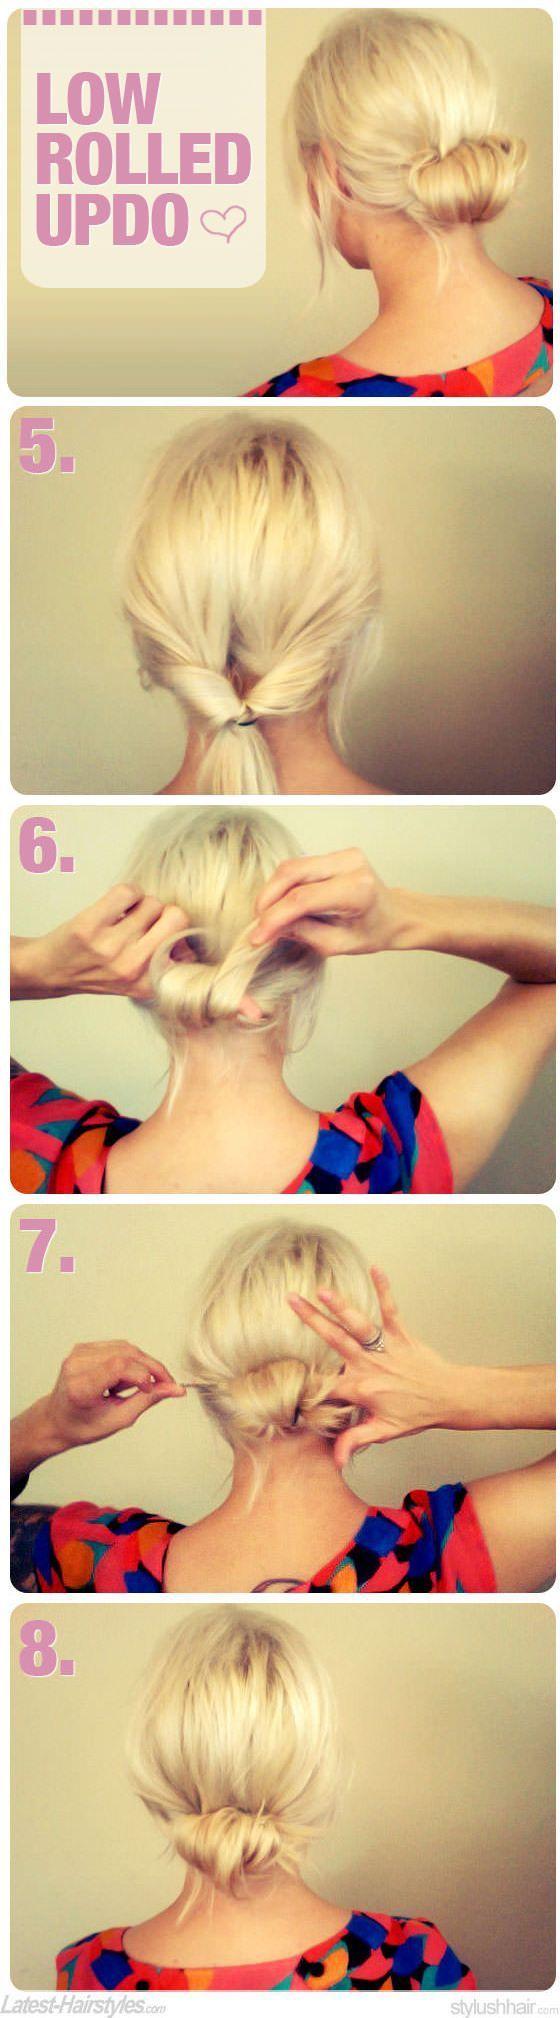 Fashion World: 12 idées de coiffures simples et rapides pour les filles aux cheveux longs !